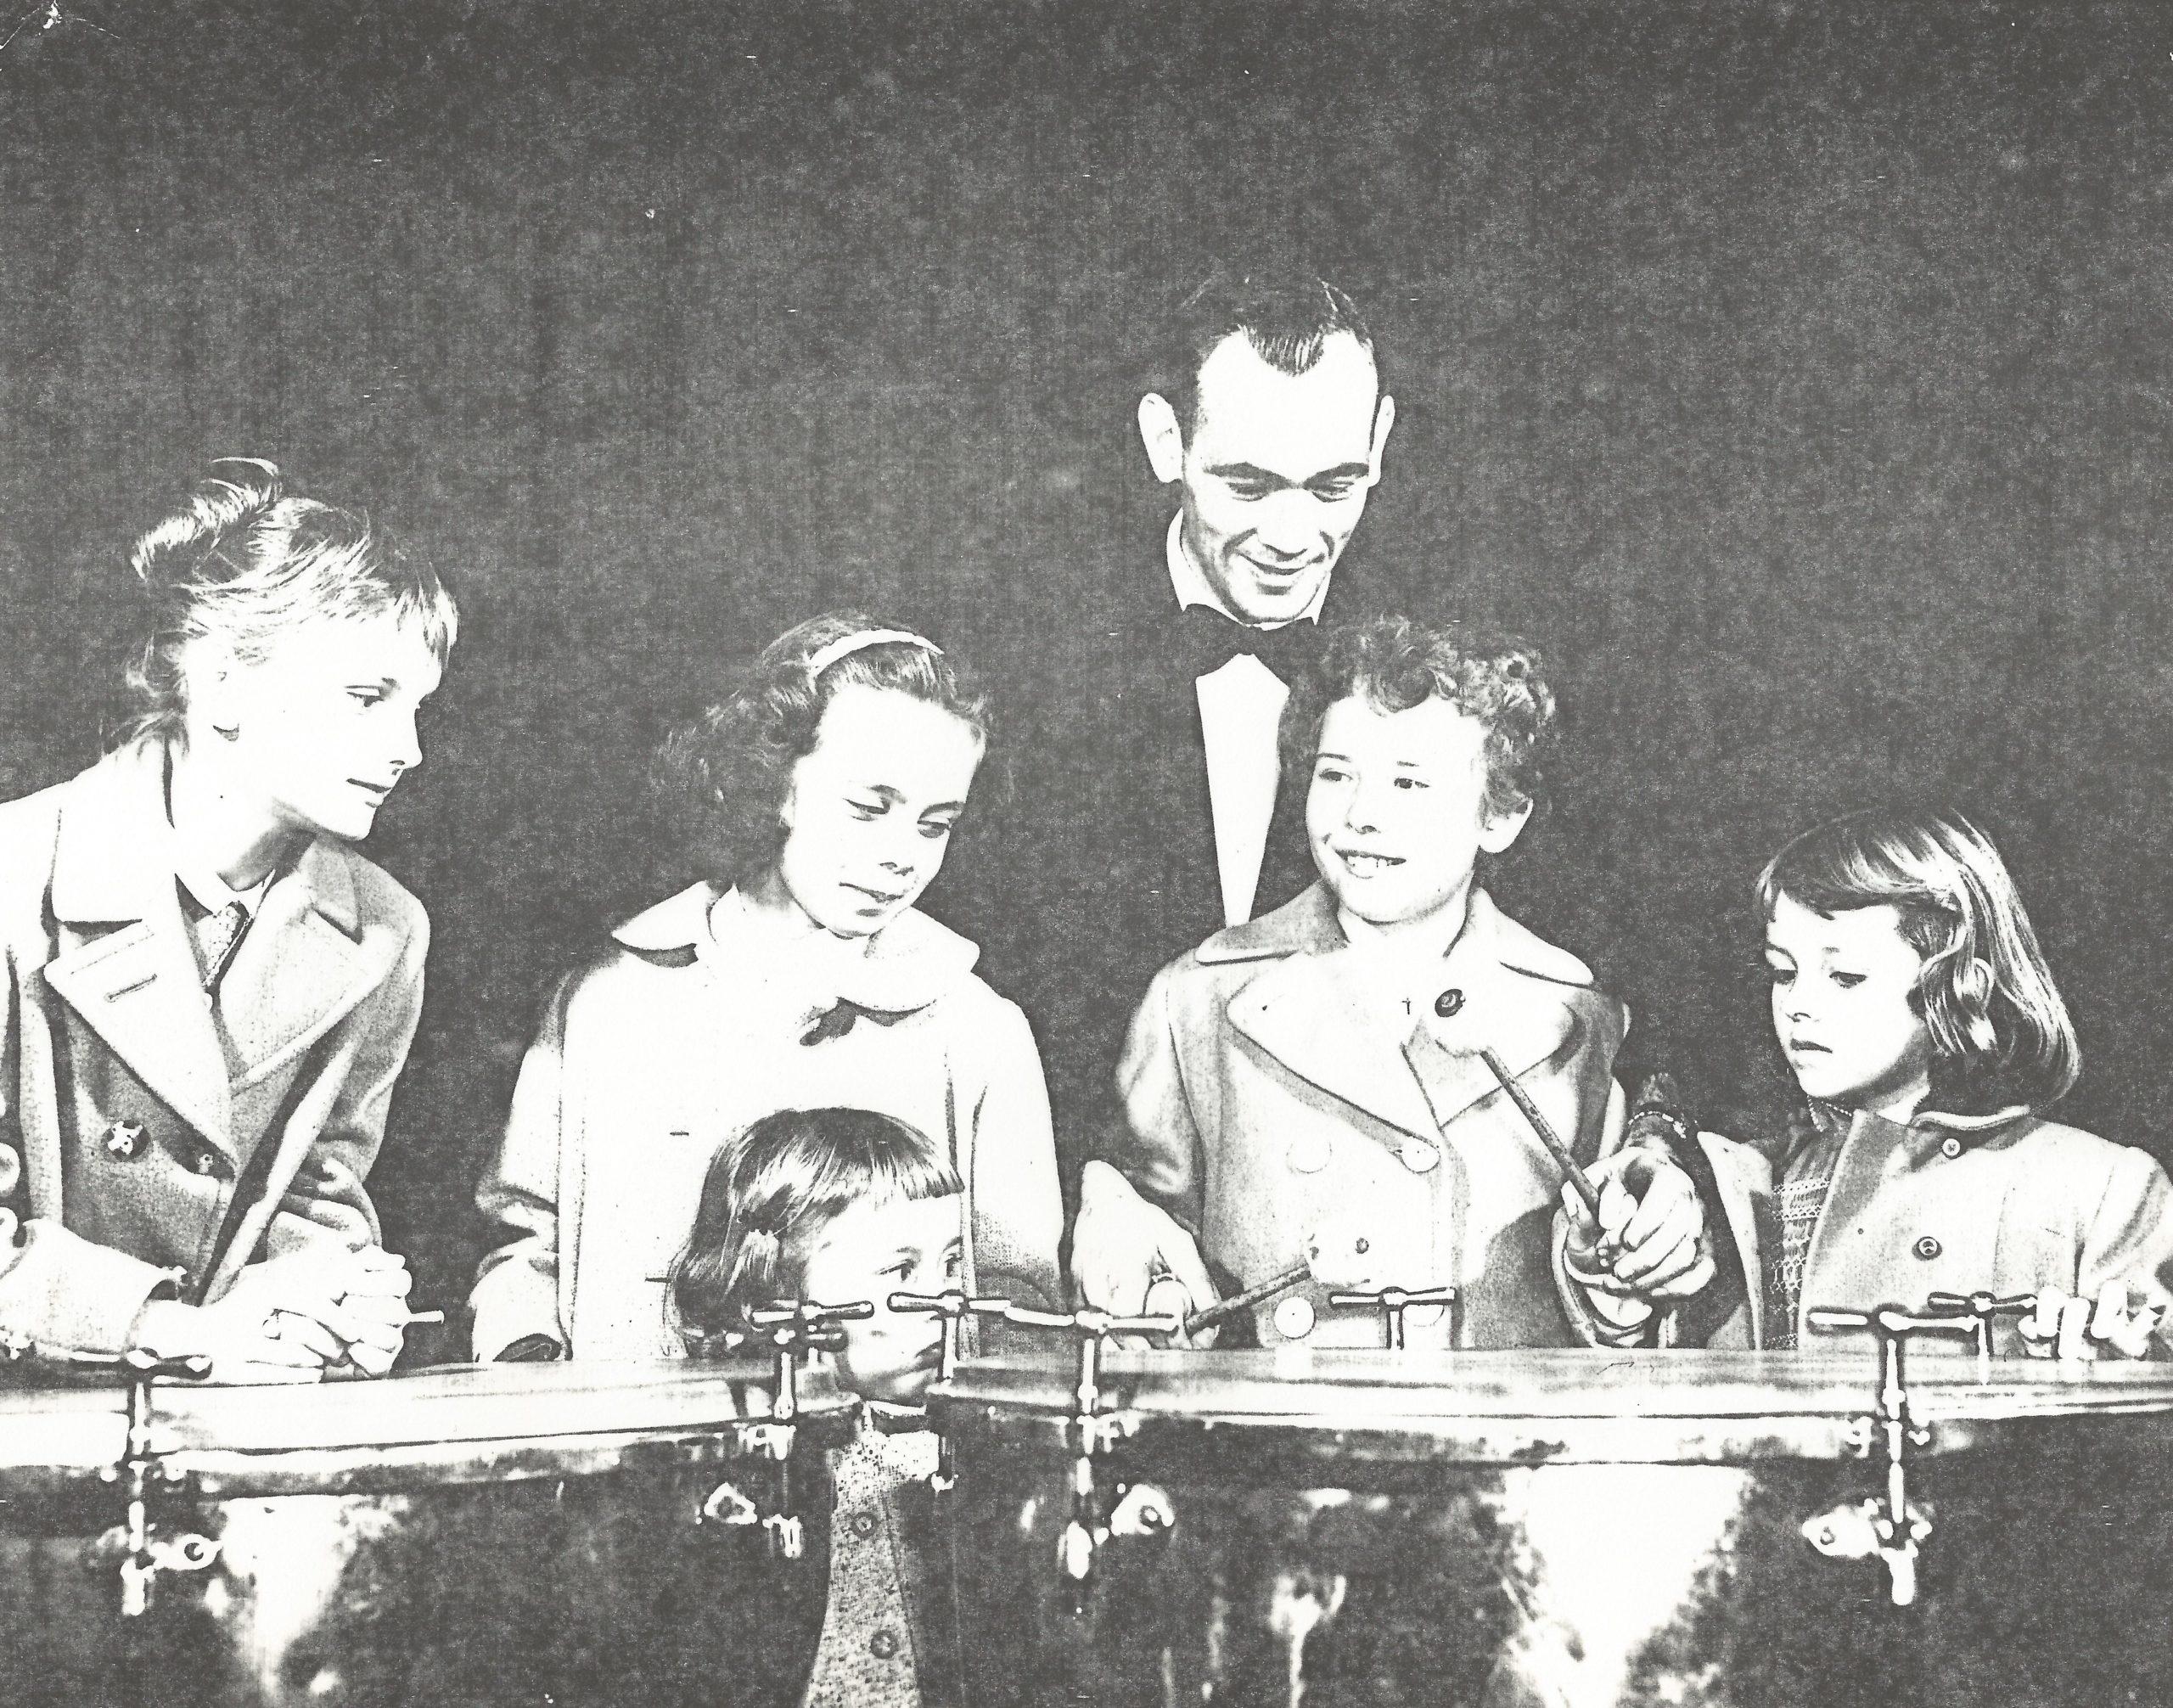 5 children percussion